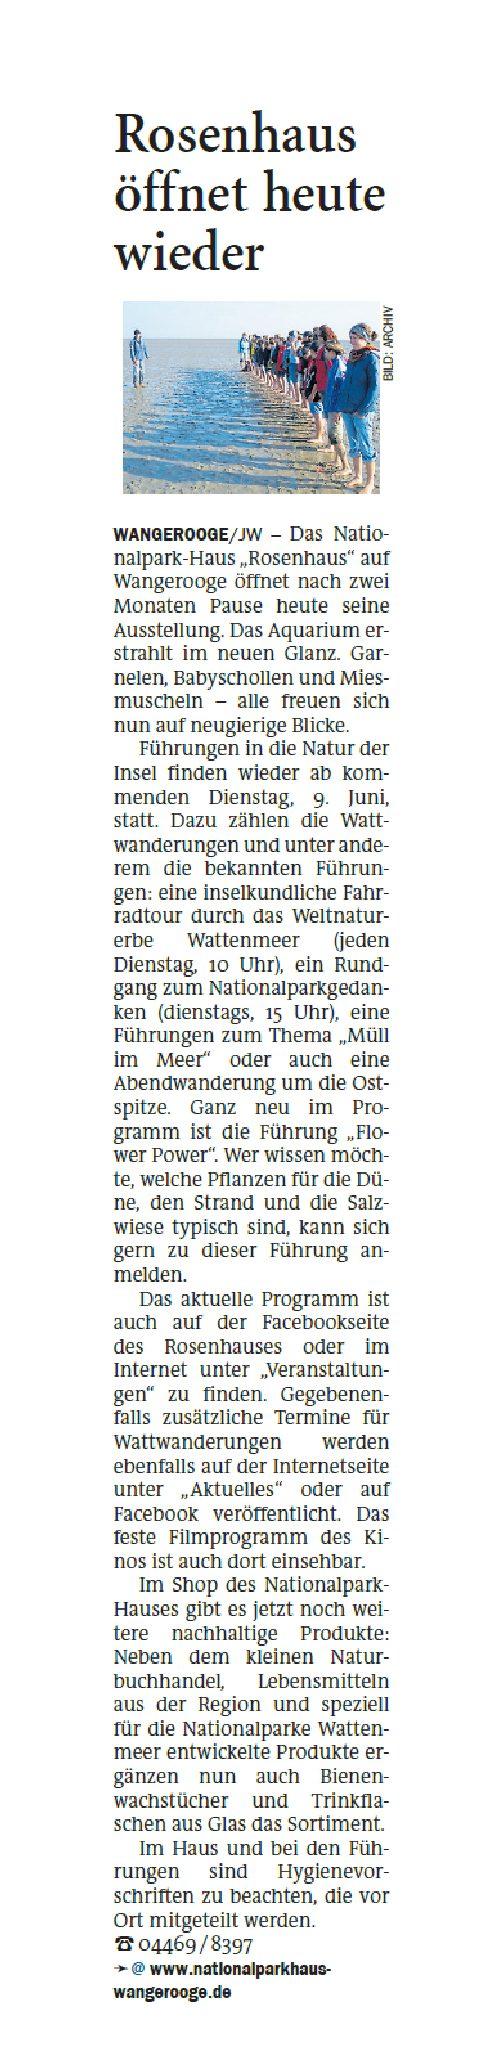 Jeversches Wochenblatt 04.06.2020